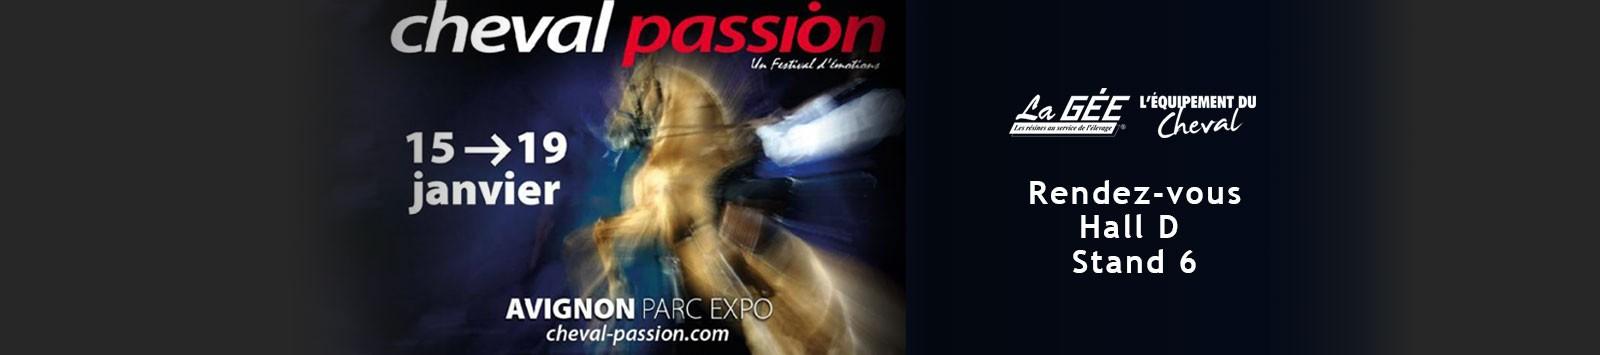 Cheval Passion à Avignon 2020